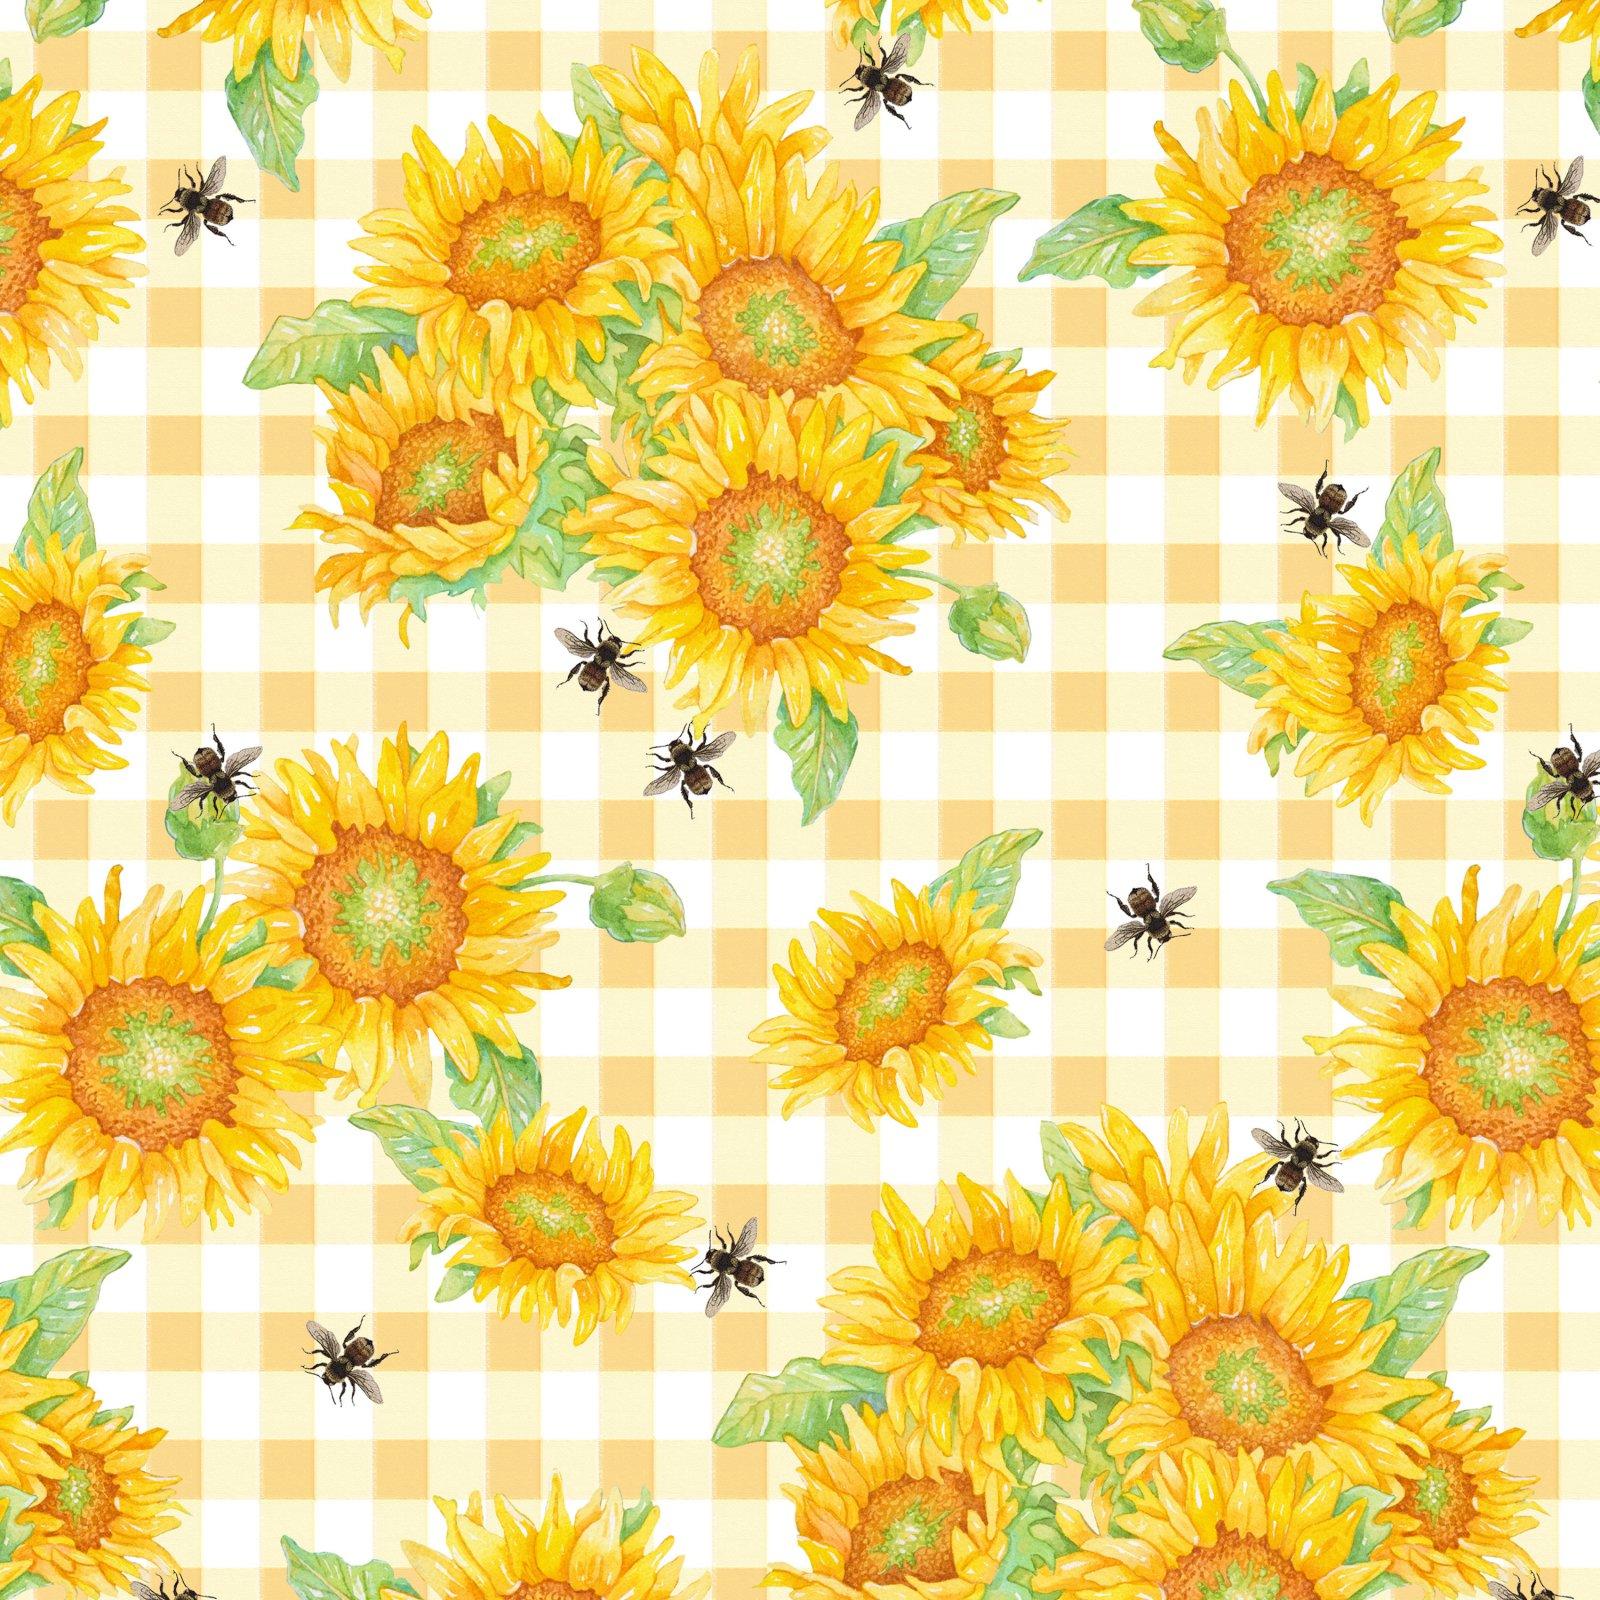 Bee Sweet Sunflowers